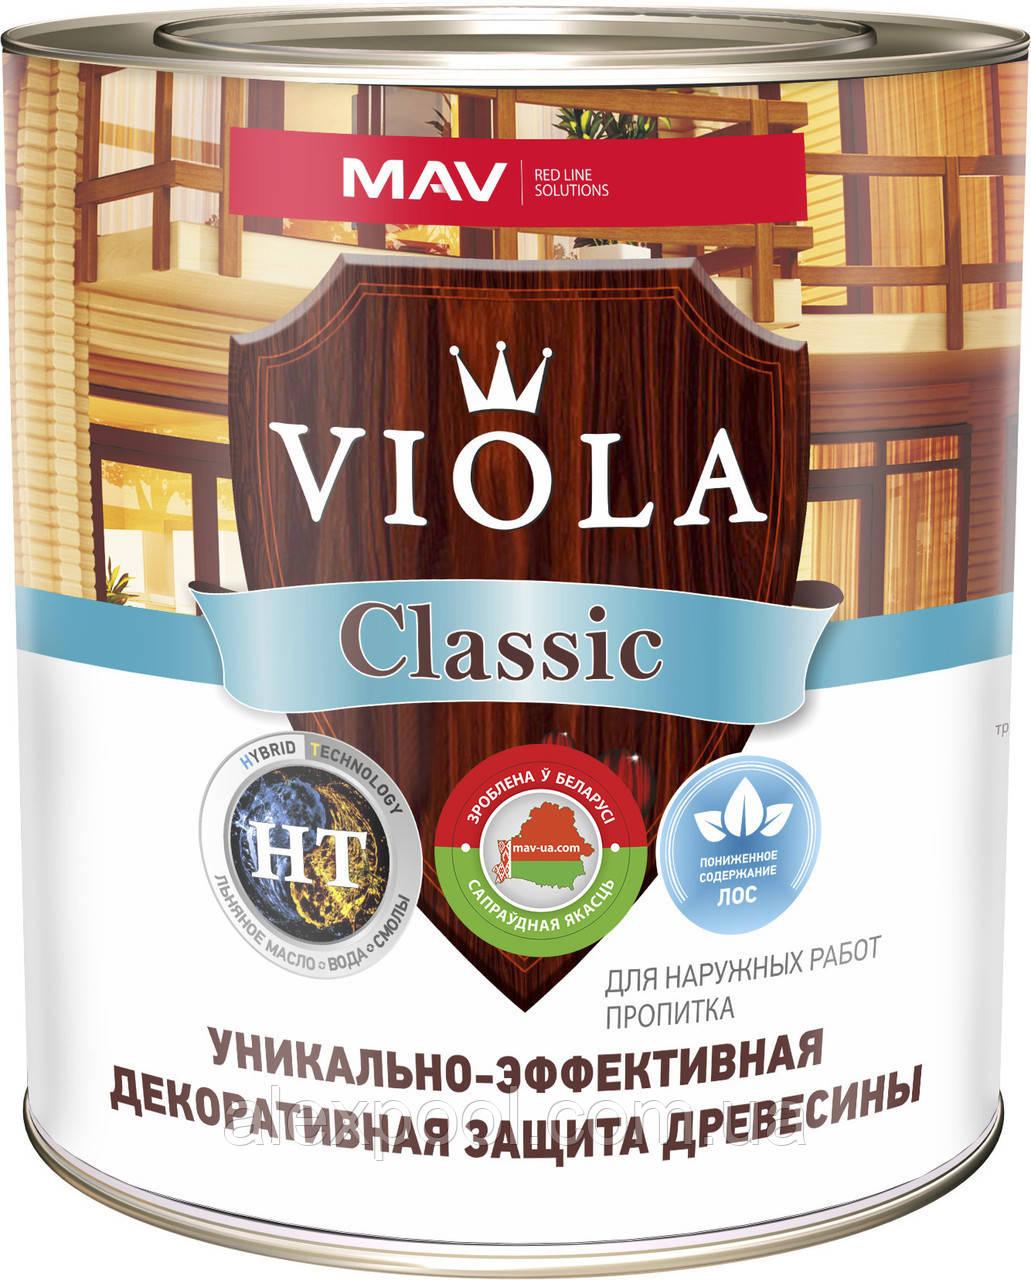 Лак алкидный MAV VIOLA Classic HT 30 защитно-декоративный без запаха для древесины Светлый дуб 3 литра